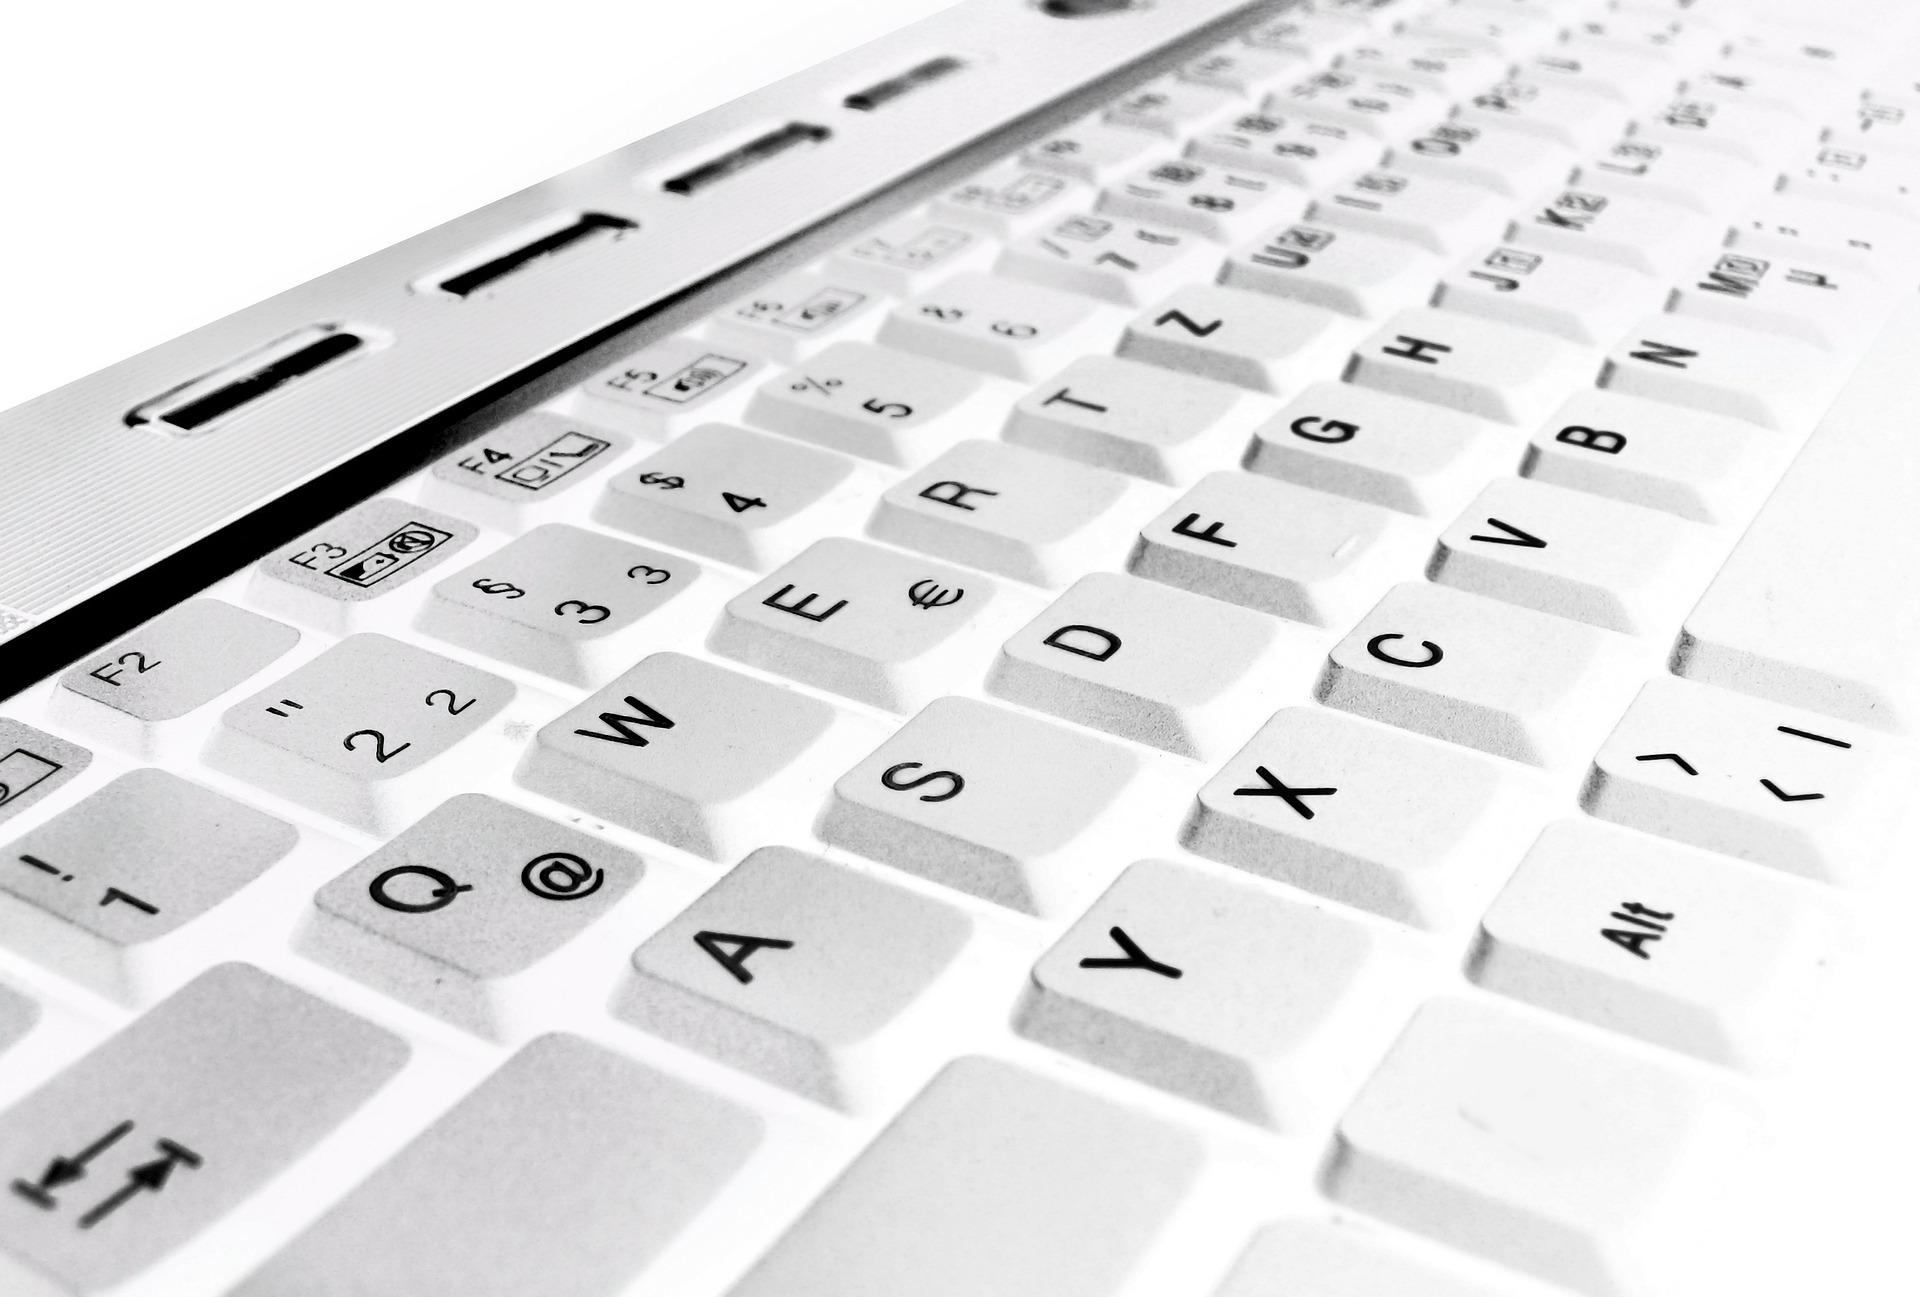 klawiatura dla leworęcznych